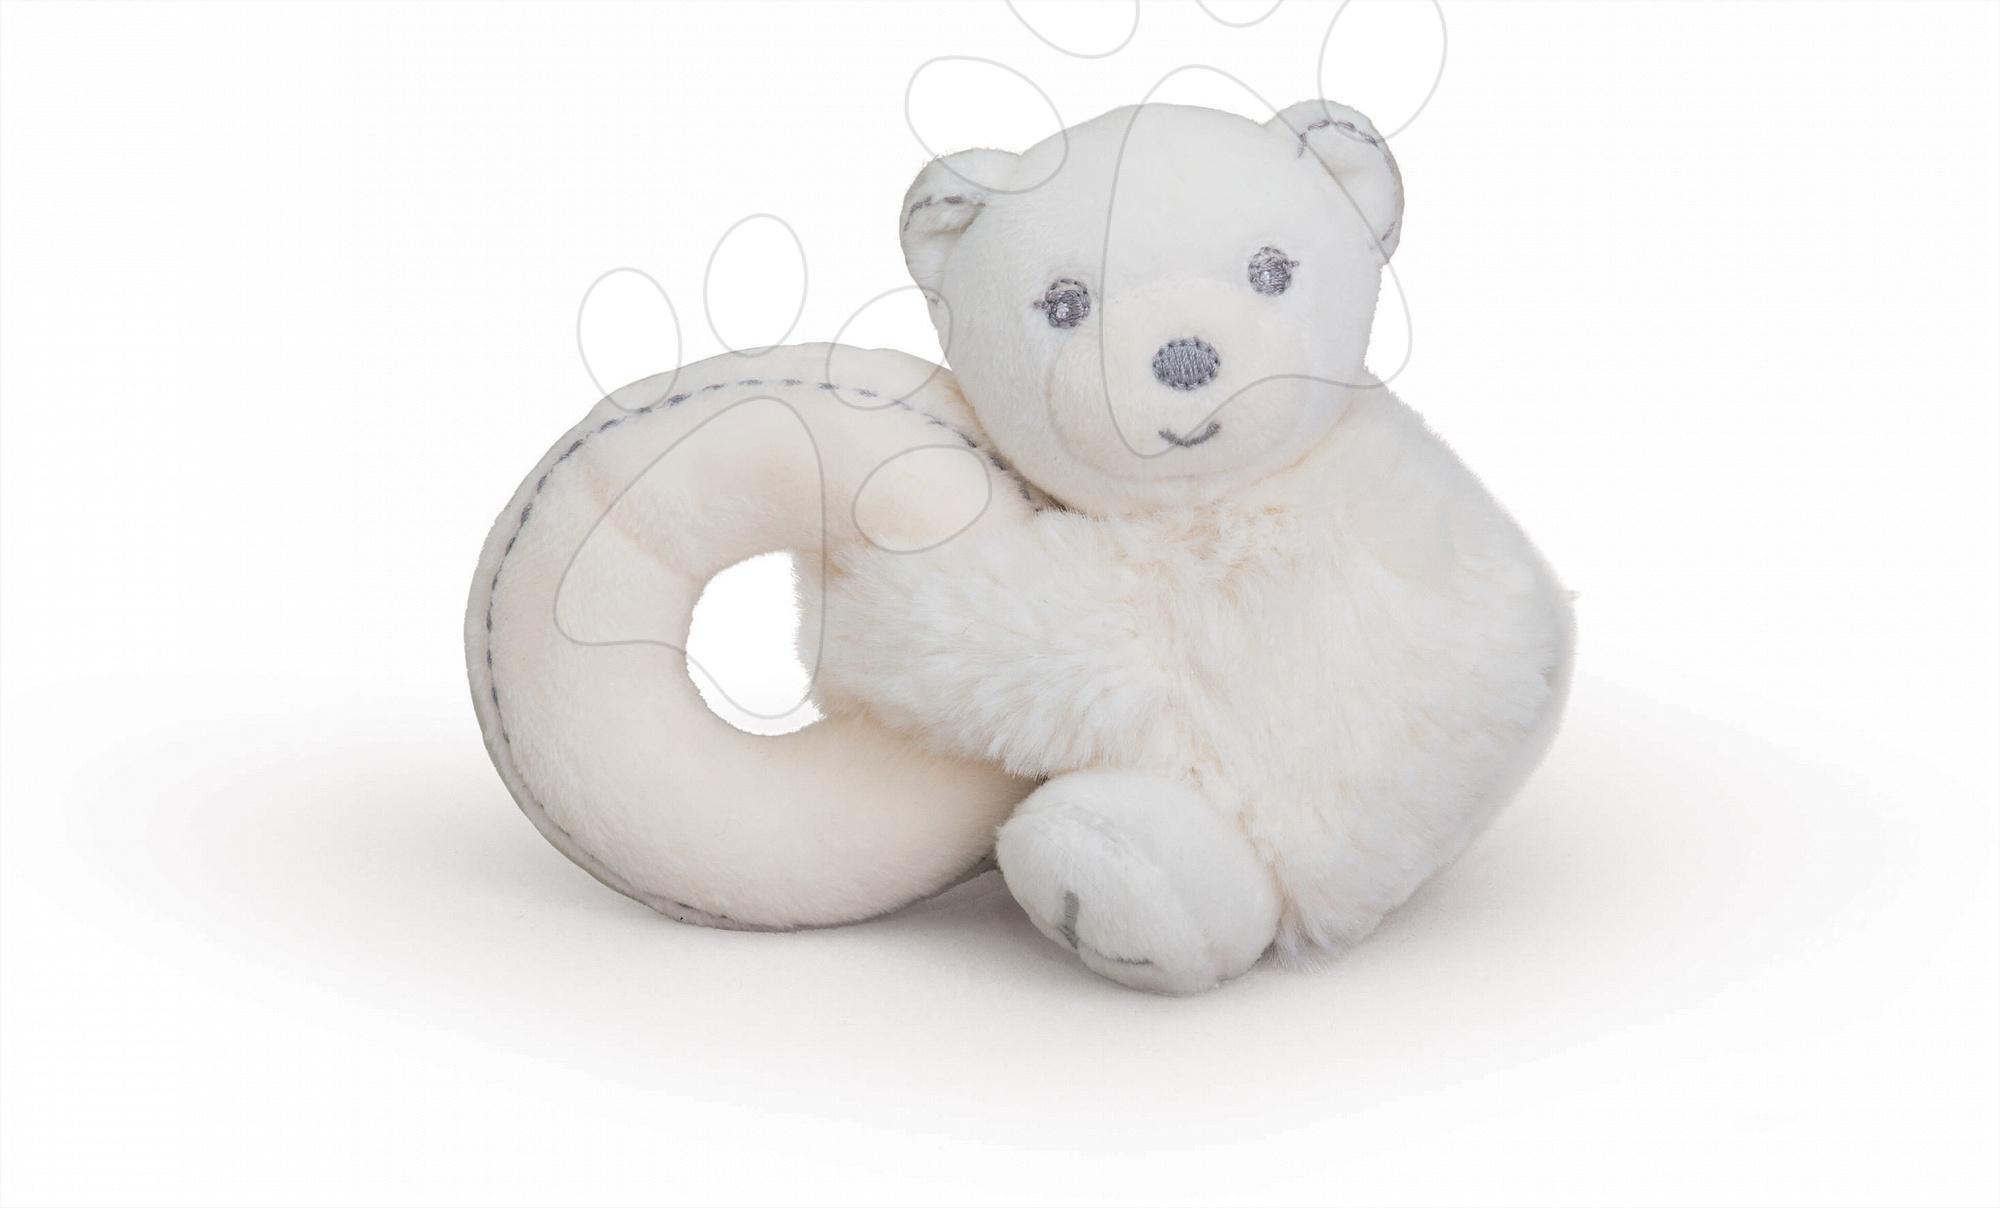 Hrkálky a hryzátka - Plyšový medvedík Perle-Mini Ratles Kaloo s hrkálkou 10 cm pre najmenších krémový